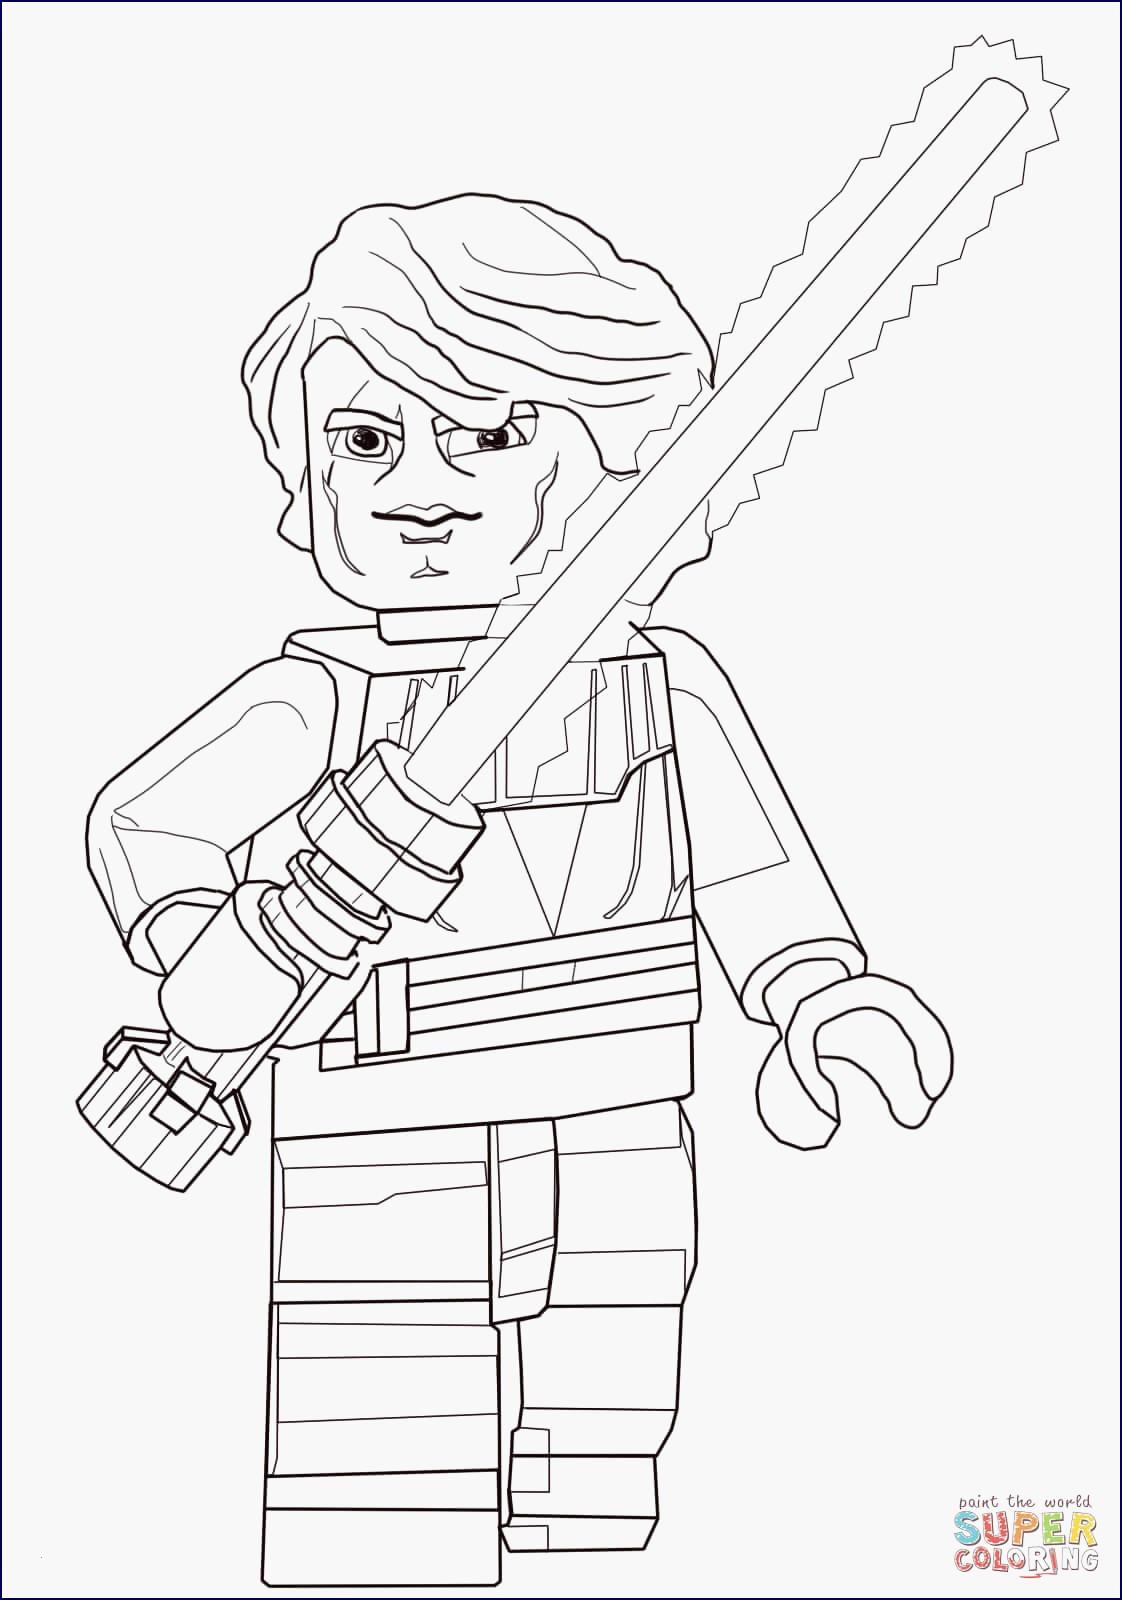 Lego Star Wars Ausmalbild Genial Ausmalbilder Star Wars Anakin Skywalker Best Luke Skywalker Schön Galerie